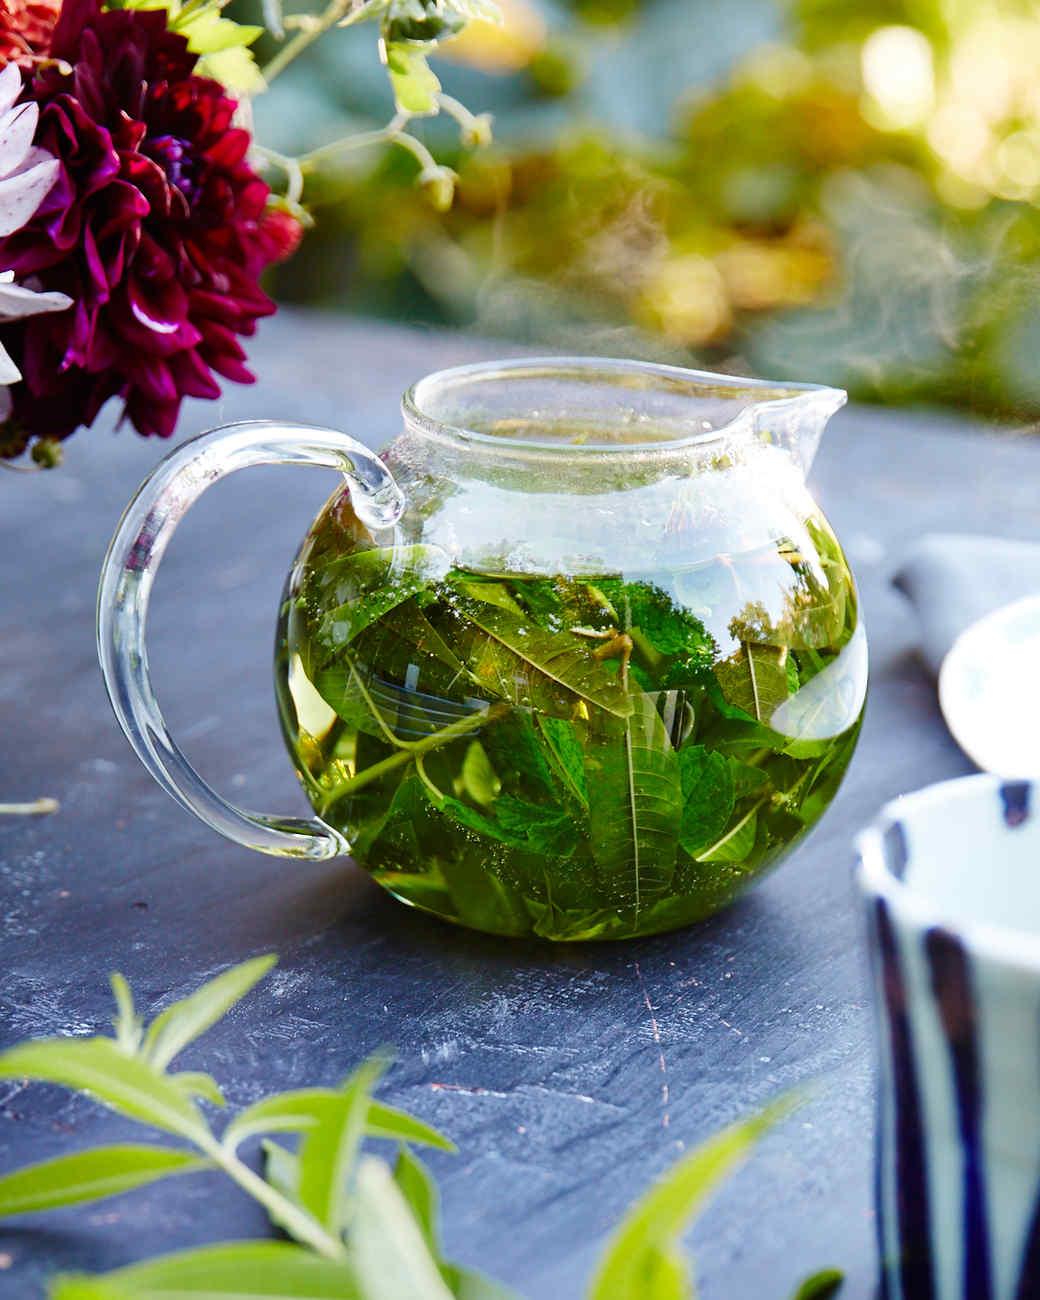 lemon-verbena-tea-frances-palmer-516-d110591.jpg